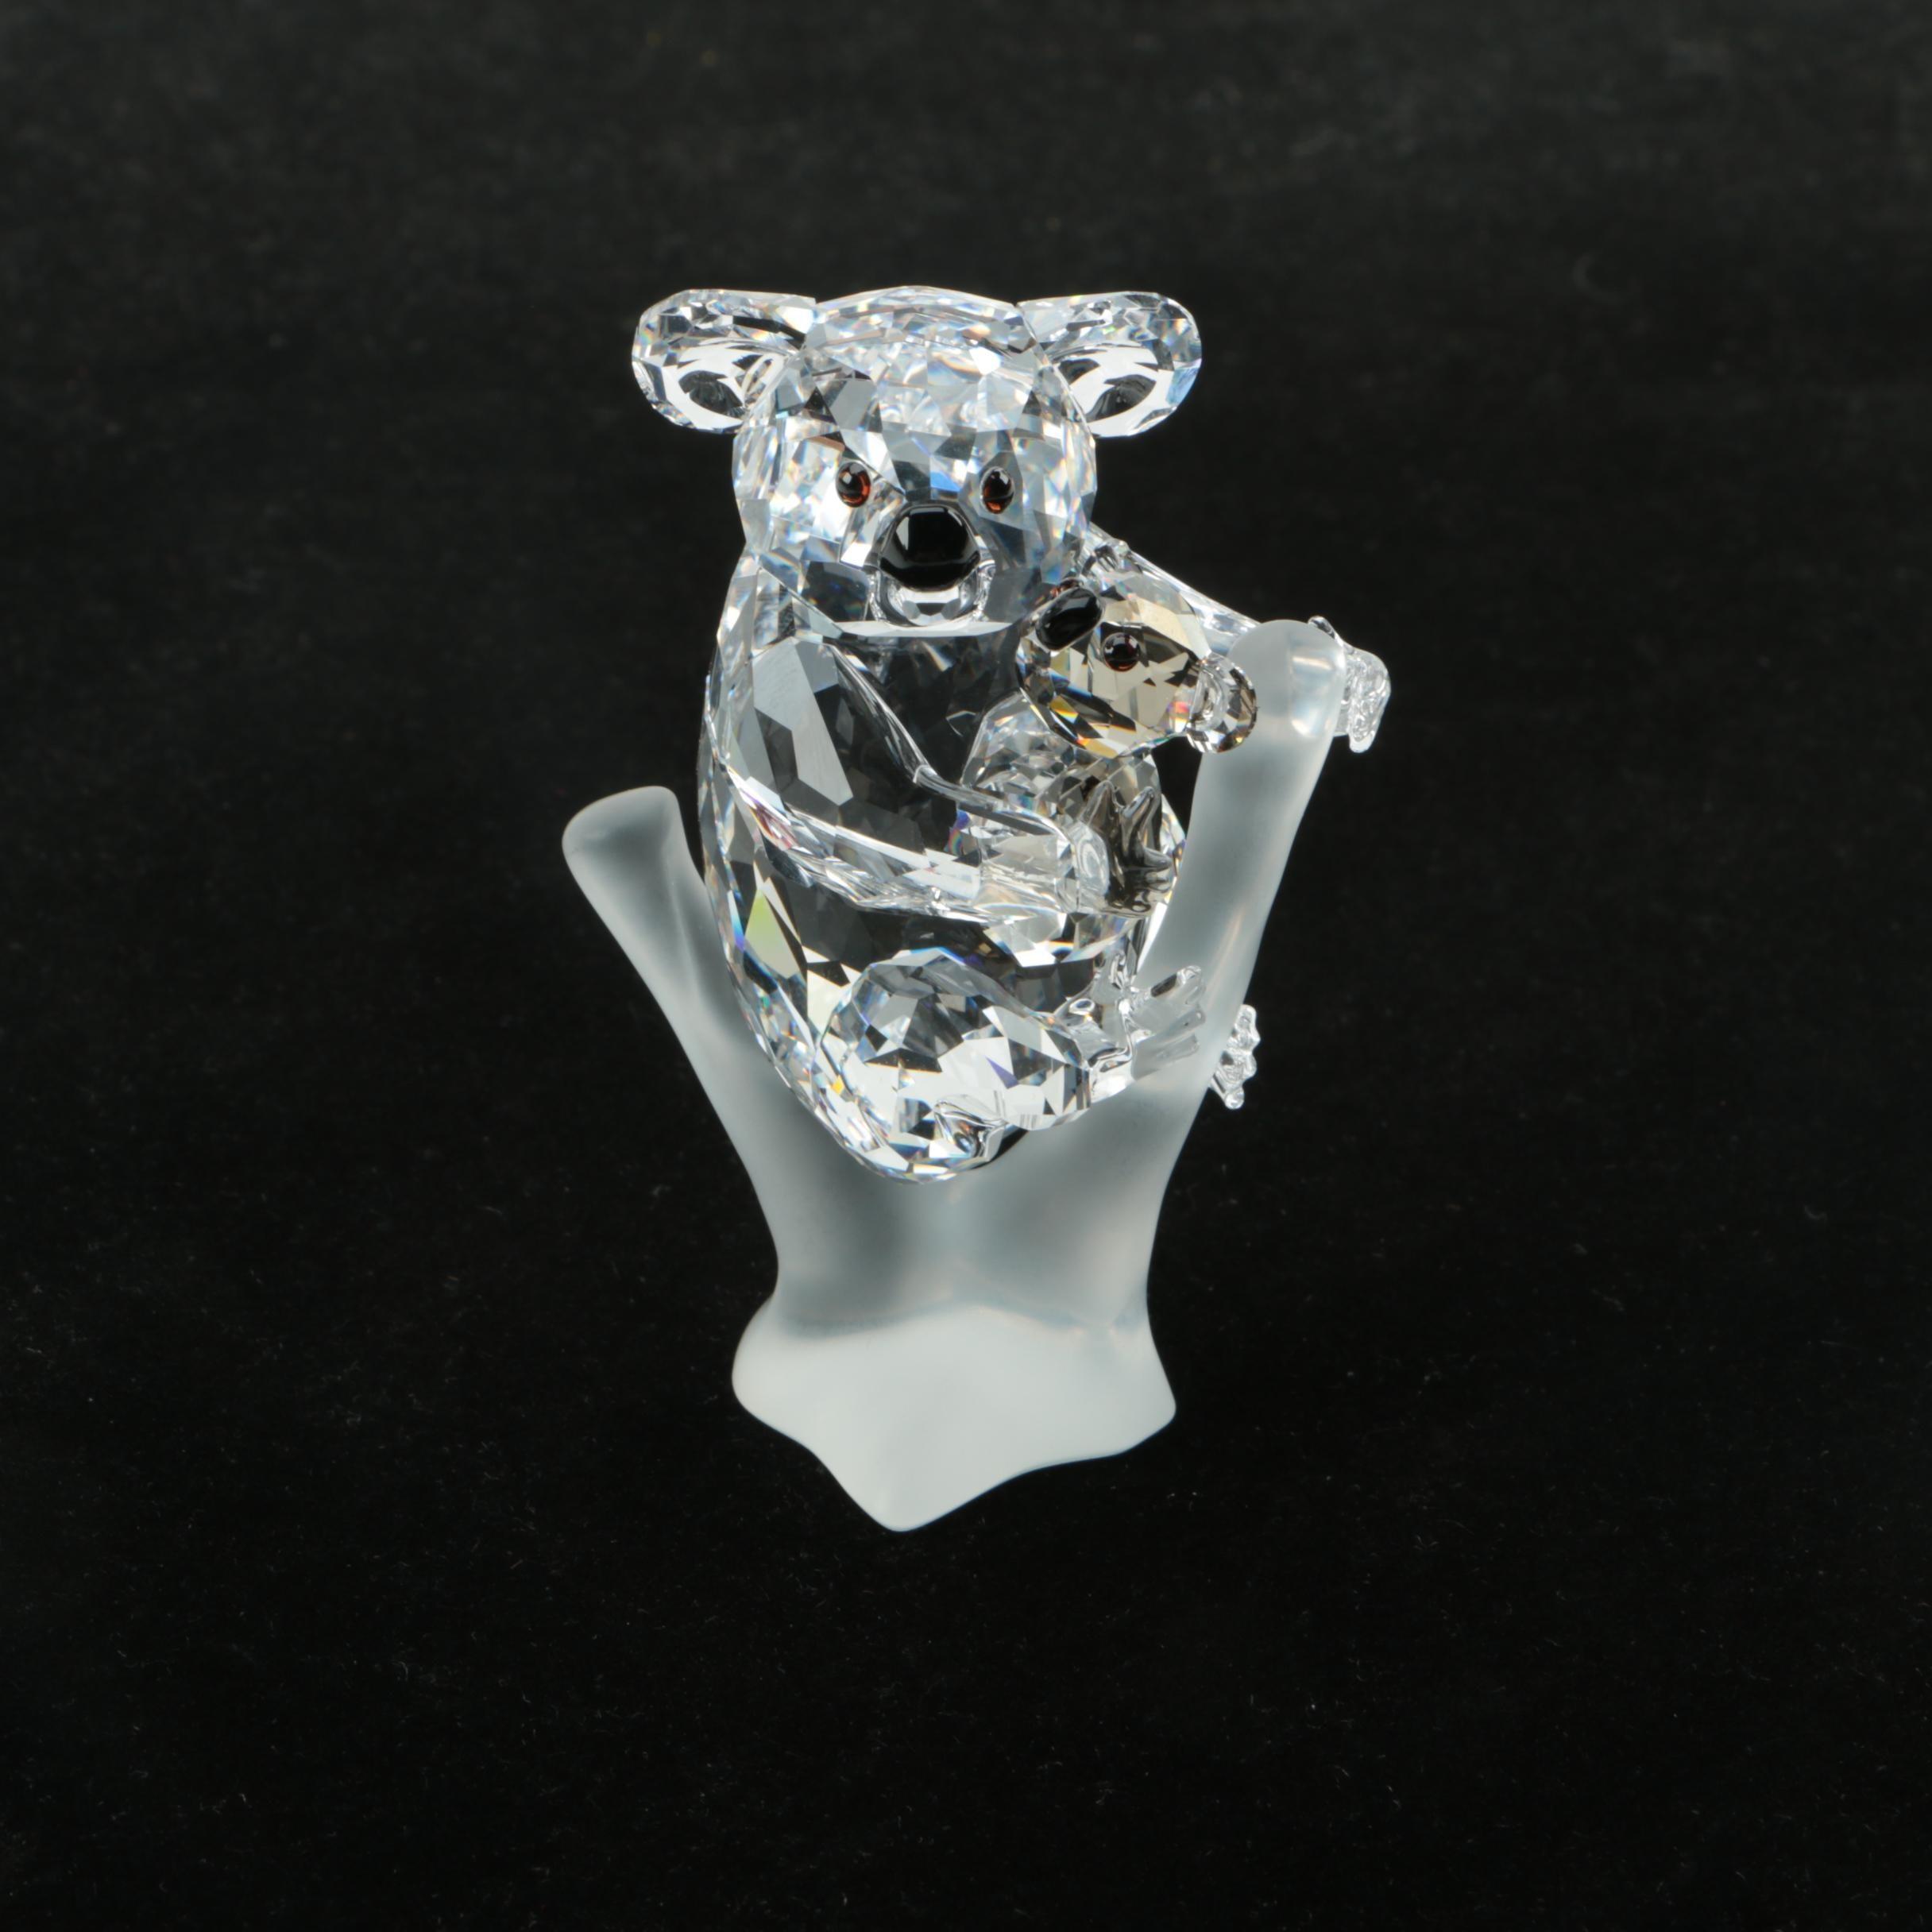 Swarovski Crystal Koala Figurine